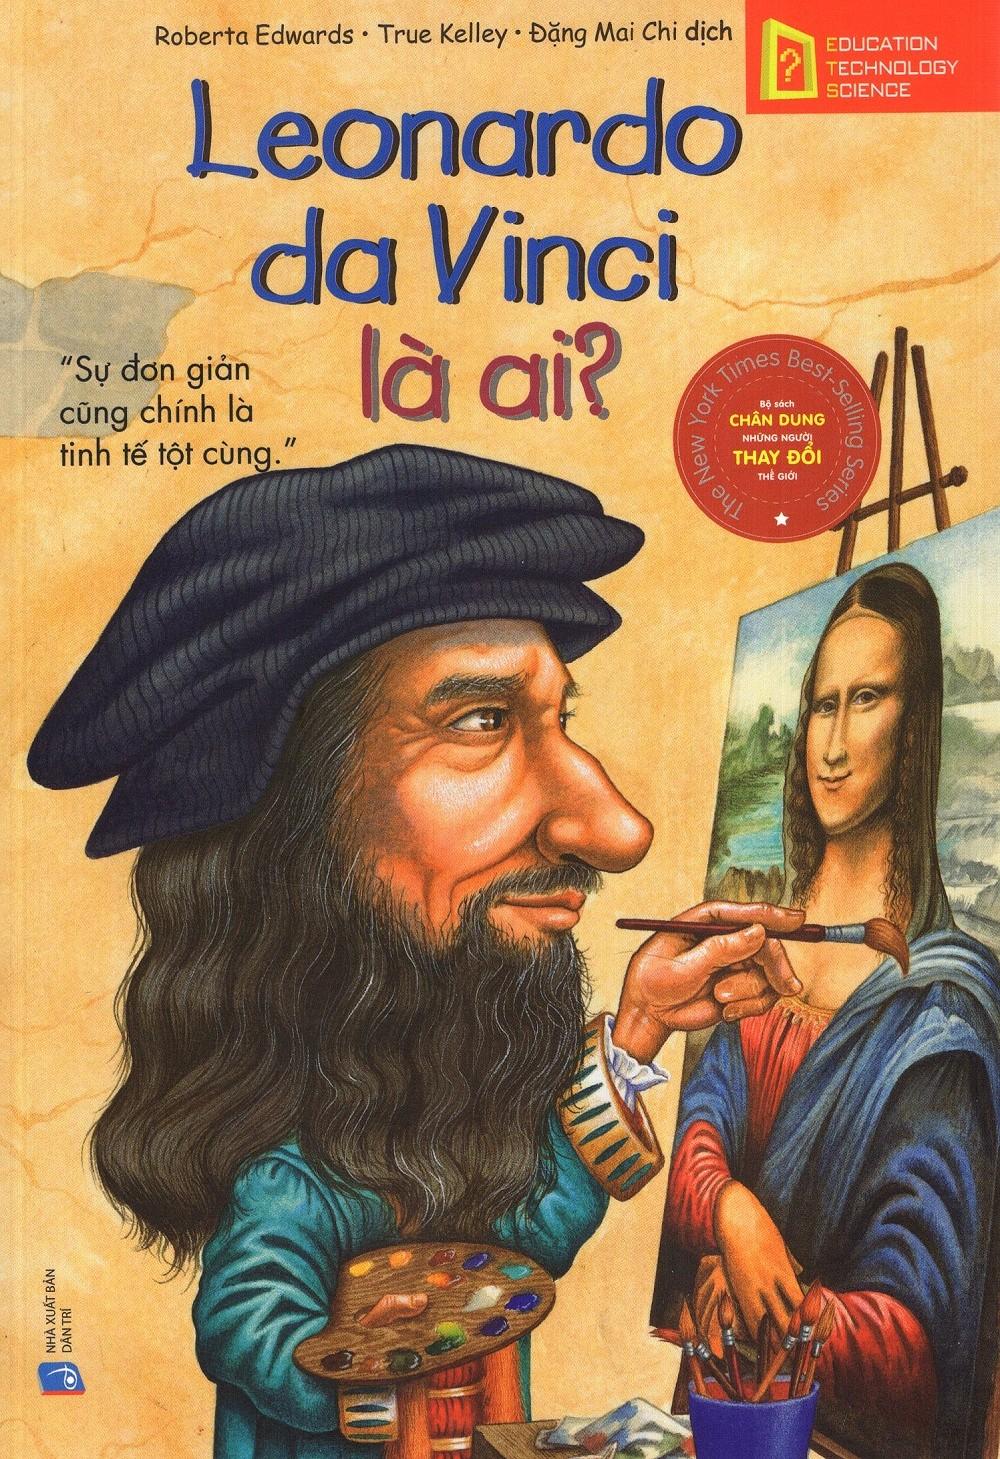 Bộ Sách Chân Dung Những Người Thay Đổi Thế Giới - Leonardo da Vinci Là Ai? - EBOOK/PDF/PRC/EPUB